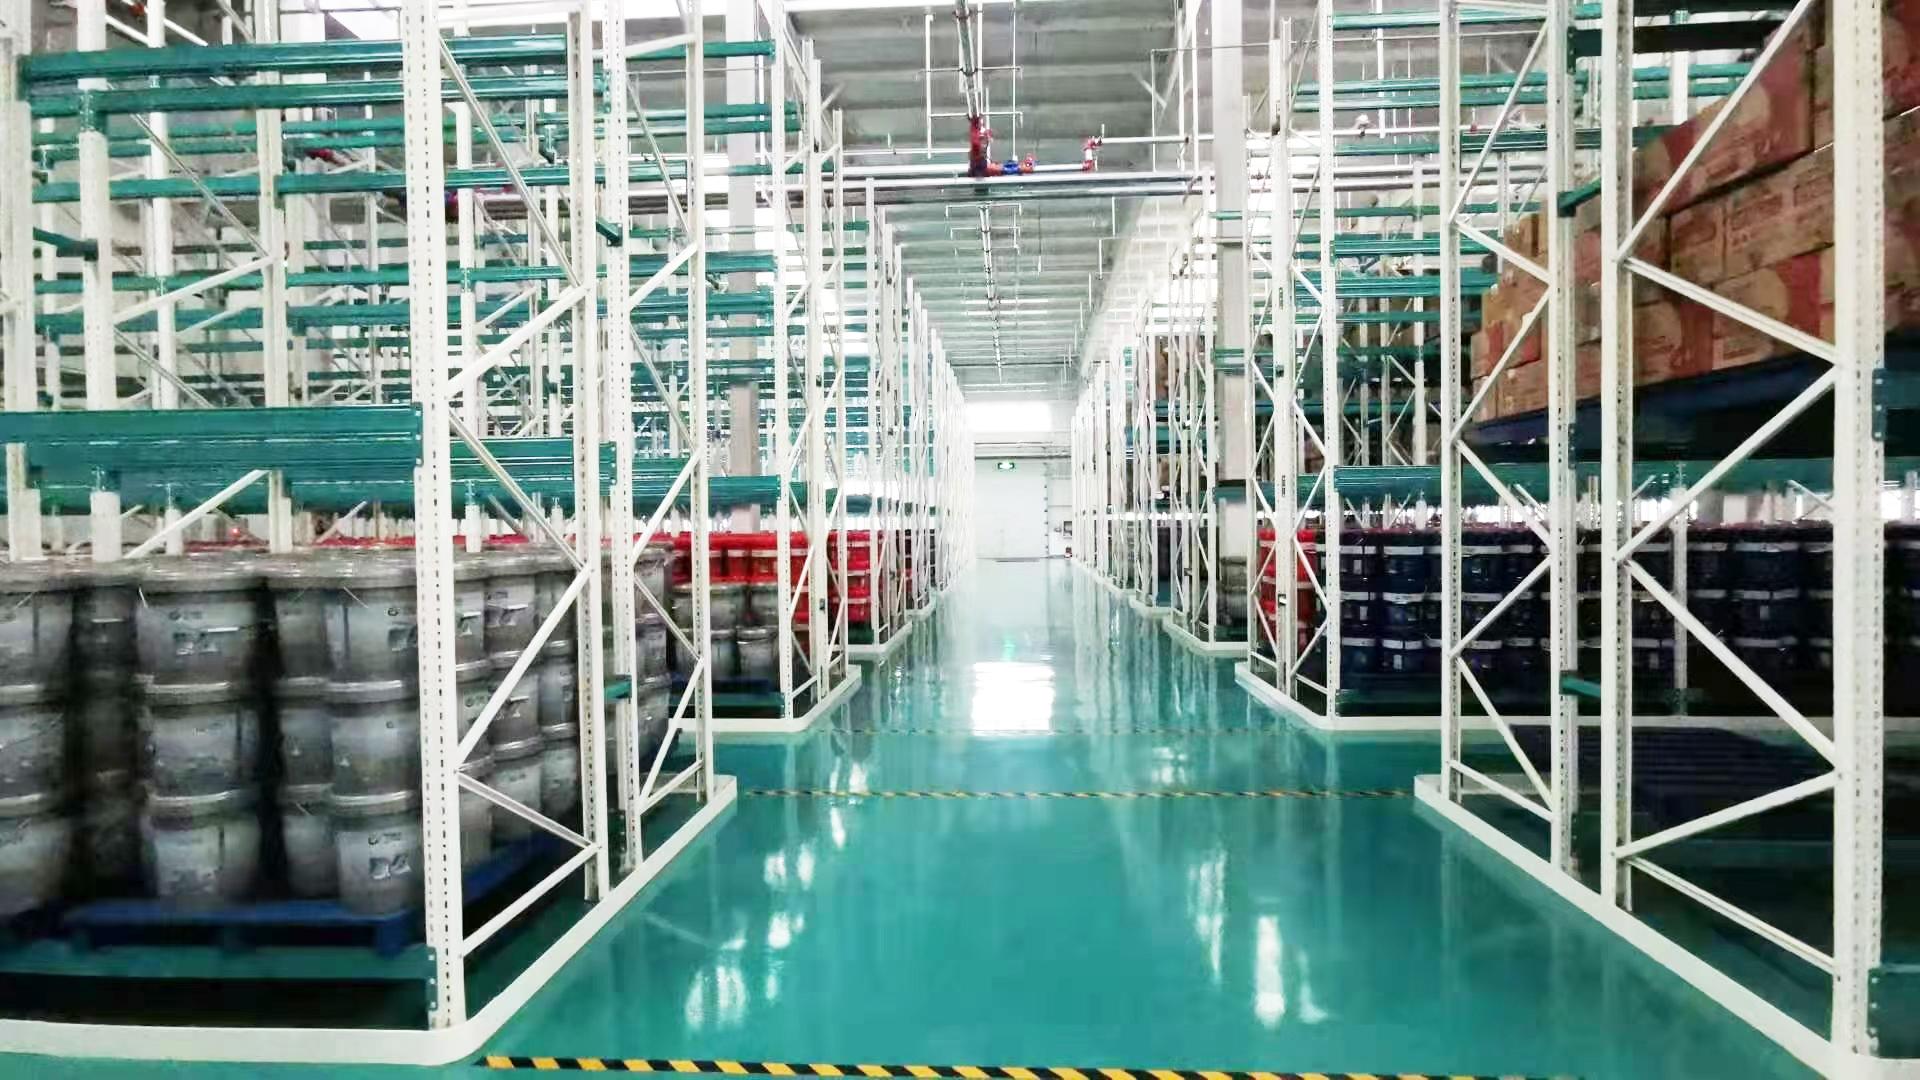 西安窄巷道货架 西安窄巷道式货架   西安仓储货架 西安货架厂